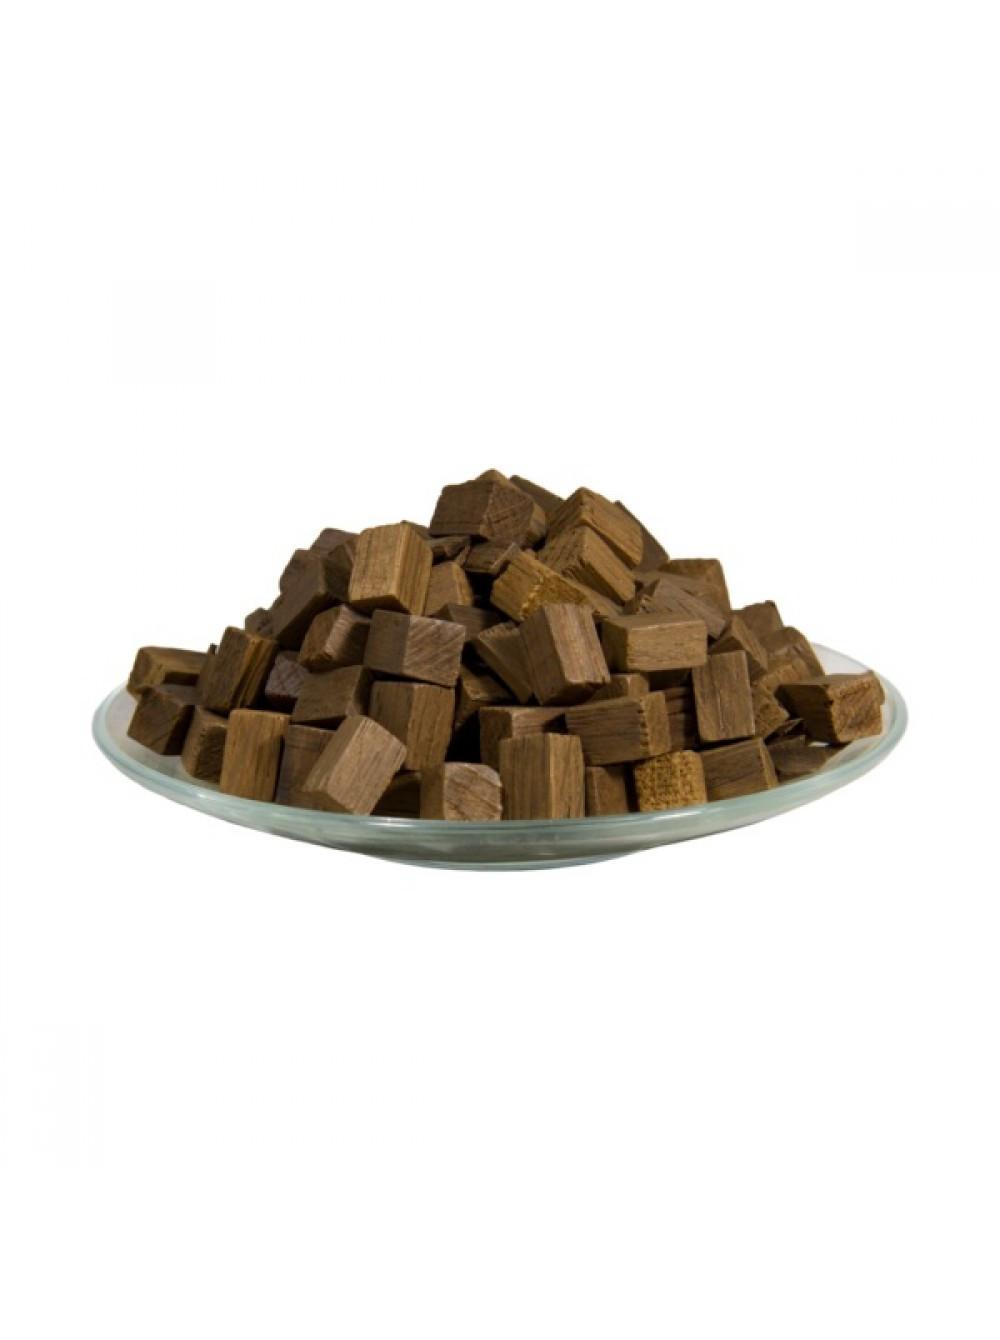 Дубовые кубики (средний обжиг), 1 кг